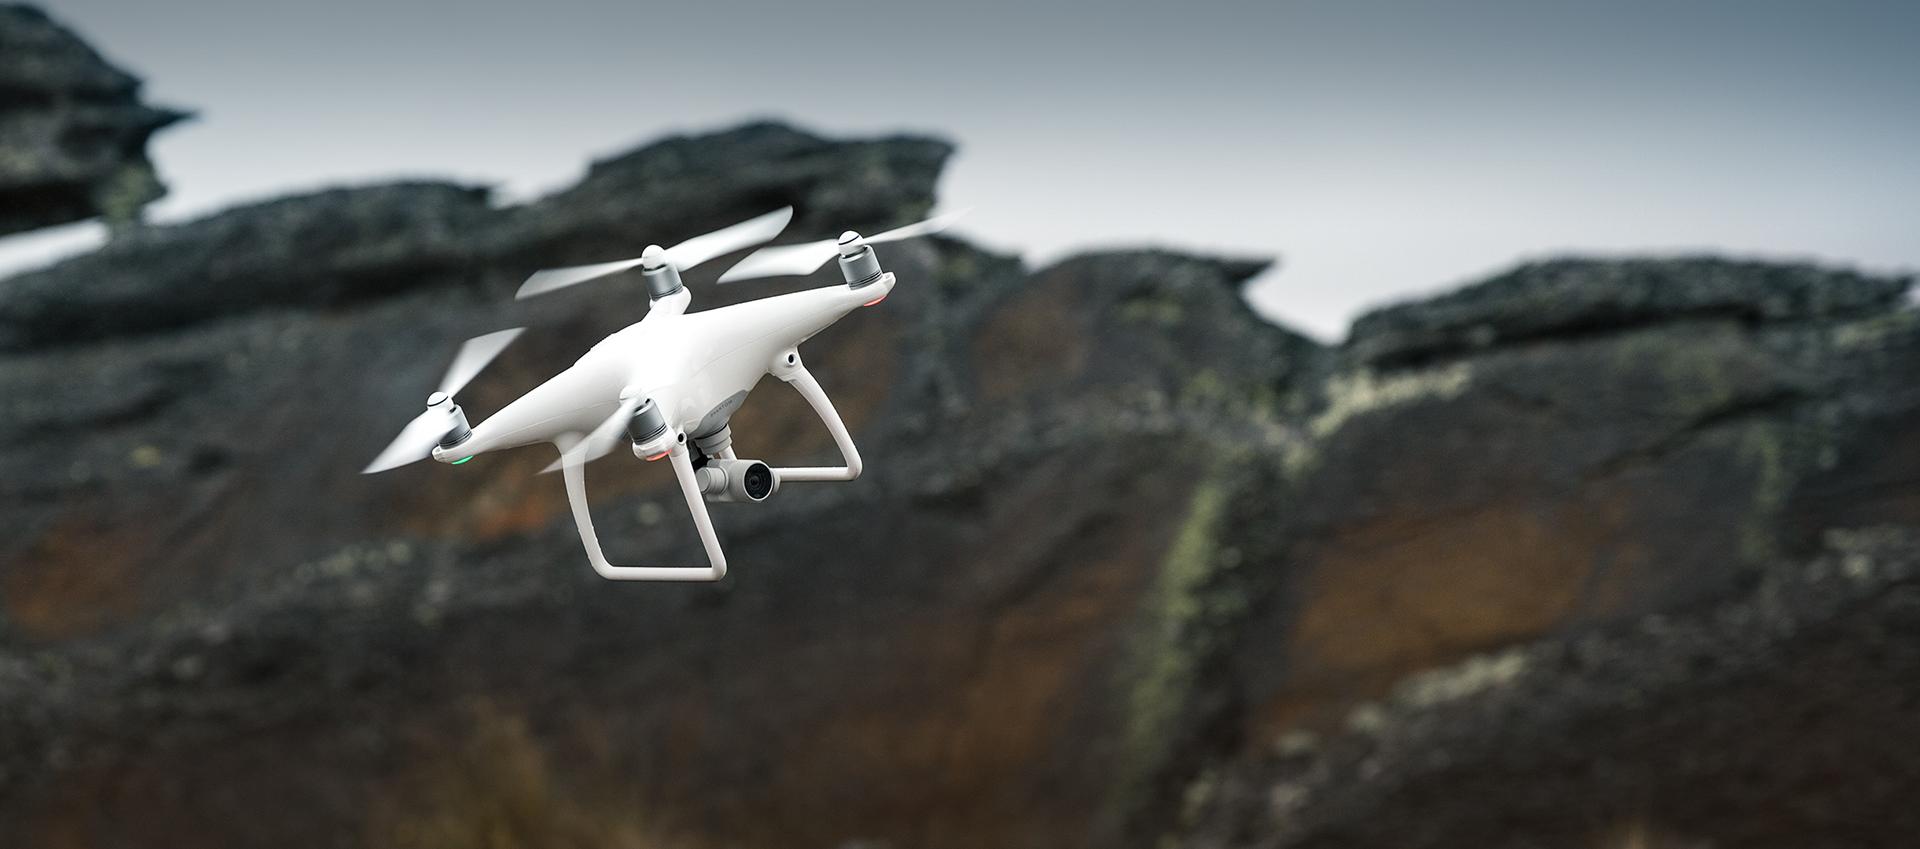 DJI Phantom 4 1 - Los mejores drones y los más baratos - Especial de Gizlogic